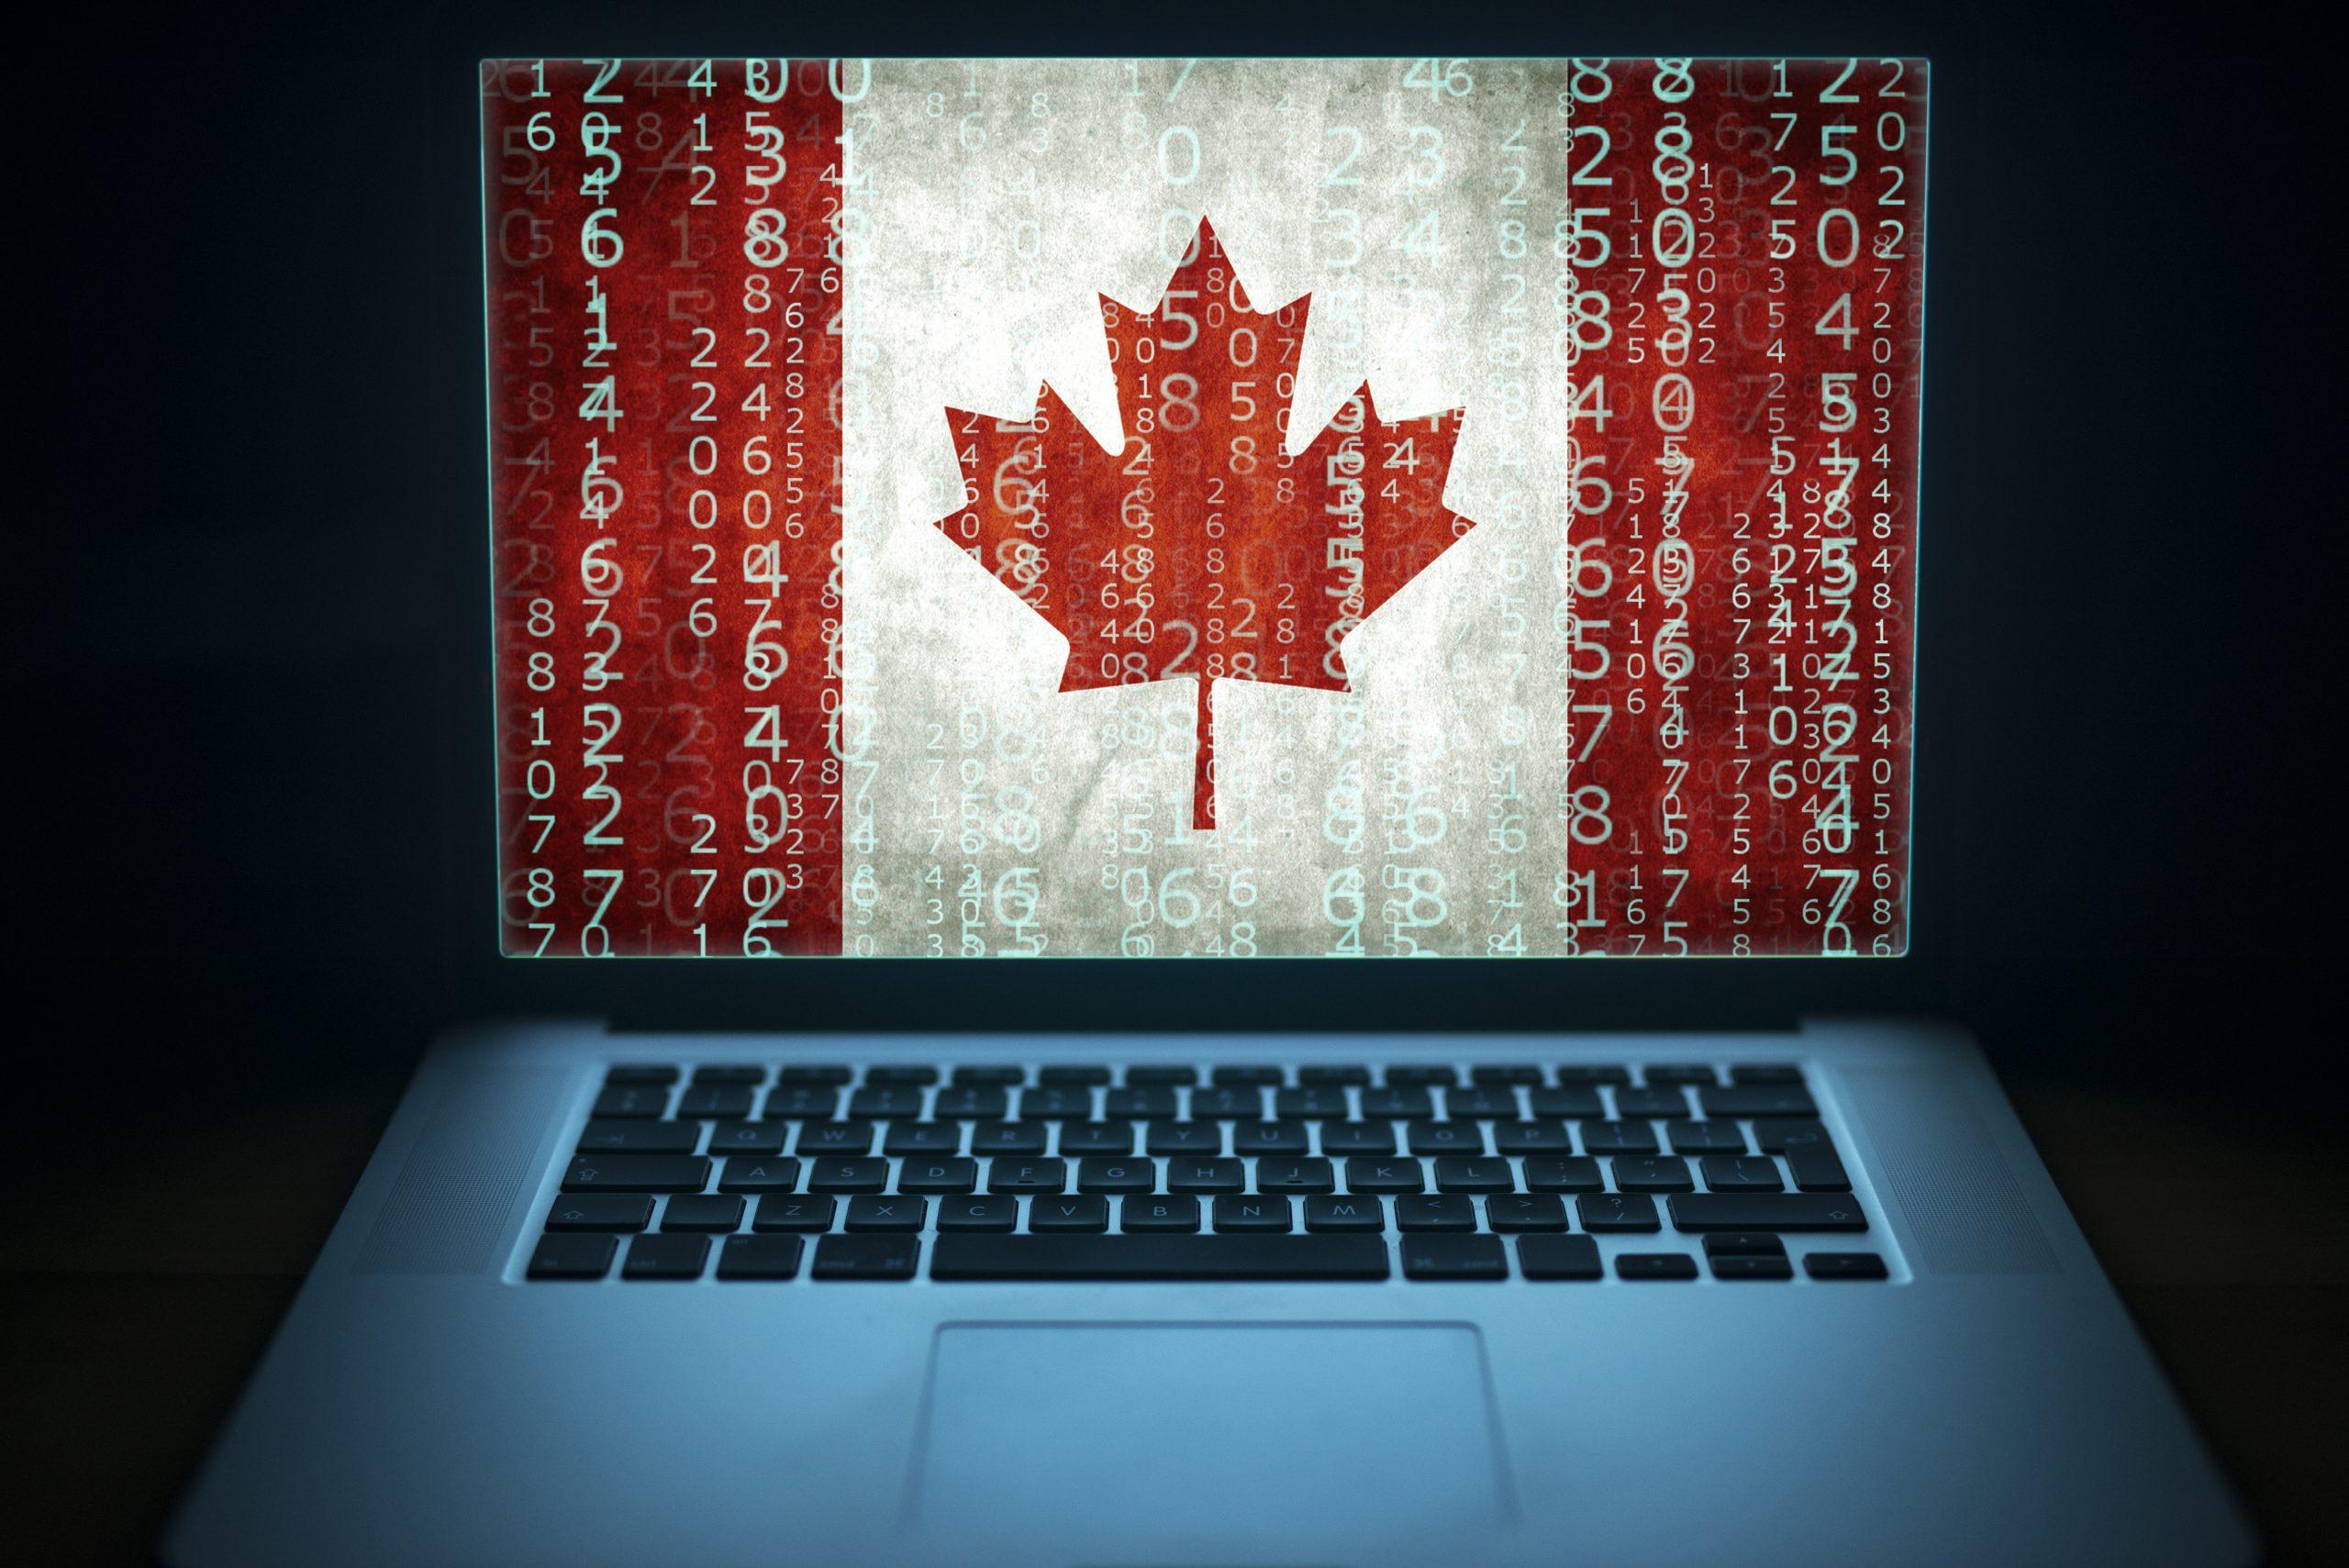 CANADA PROPOSED NEW DATA PRIVACY LEGISLATION